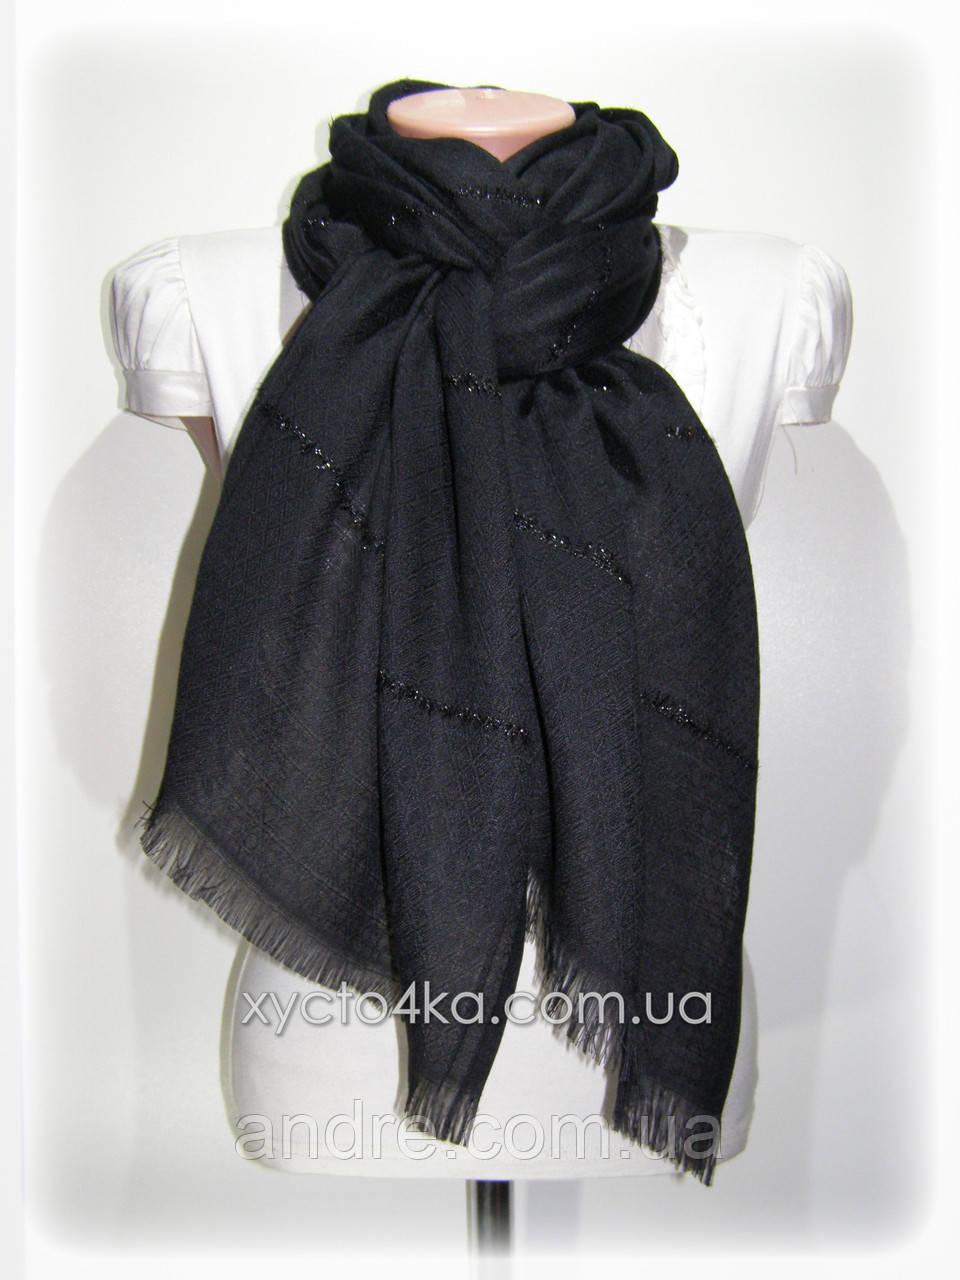 Однотонный шарф с люрексом Моника, чёрный